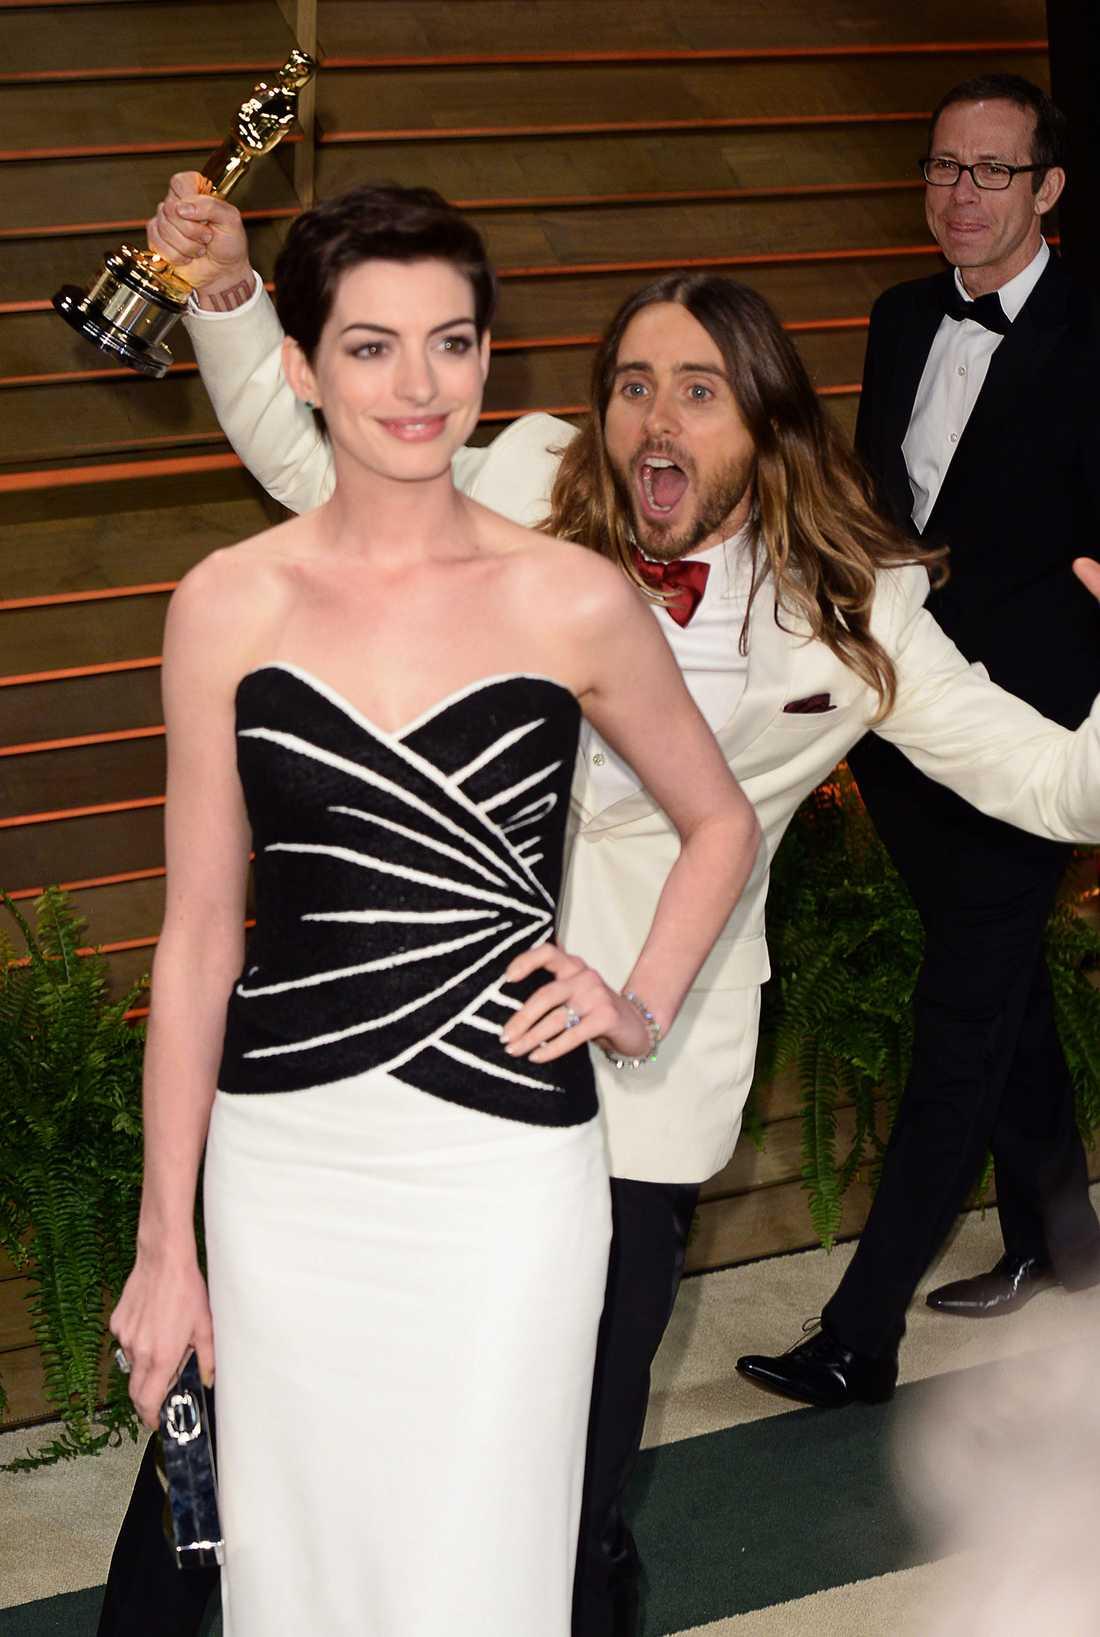 Här står Anne Hathaway och poserar. Helt ovetandes om att det står en galen Jared Leto bakom henne.